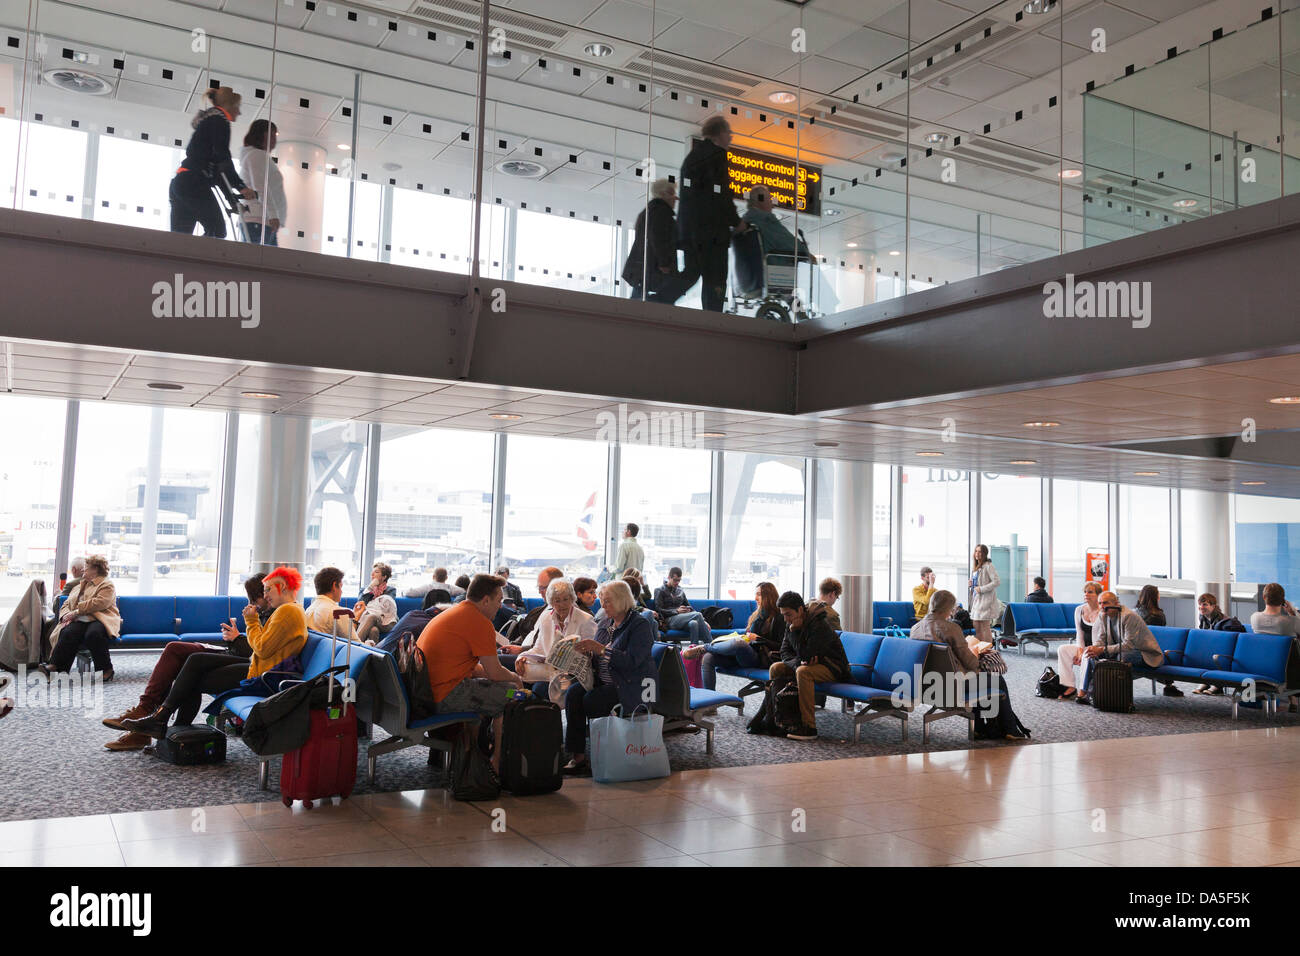 passengers waiting in airport departure lounge below arrivals corridor - Stock Image